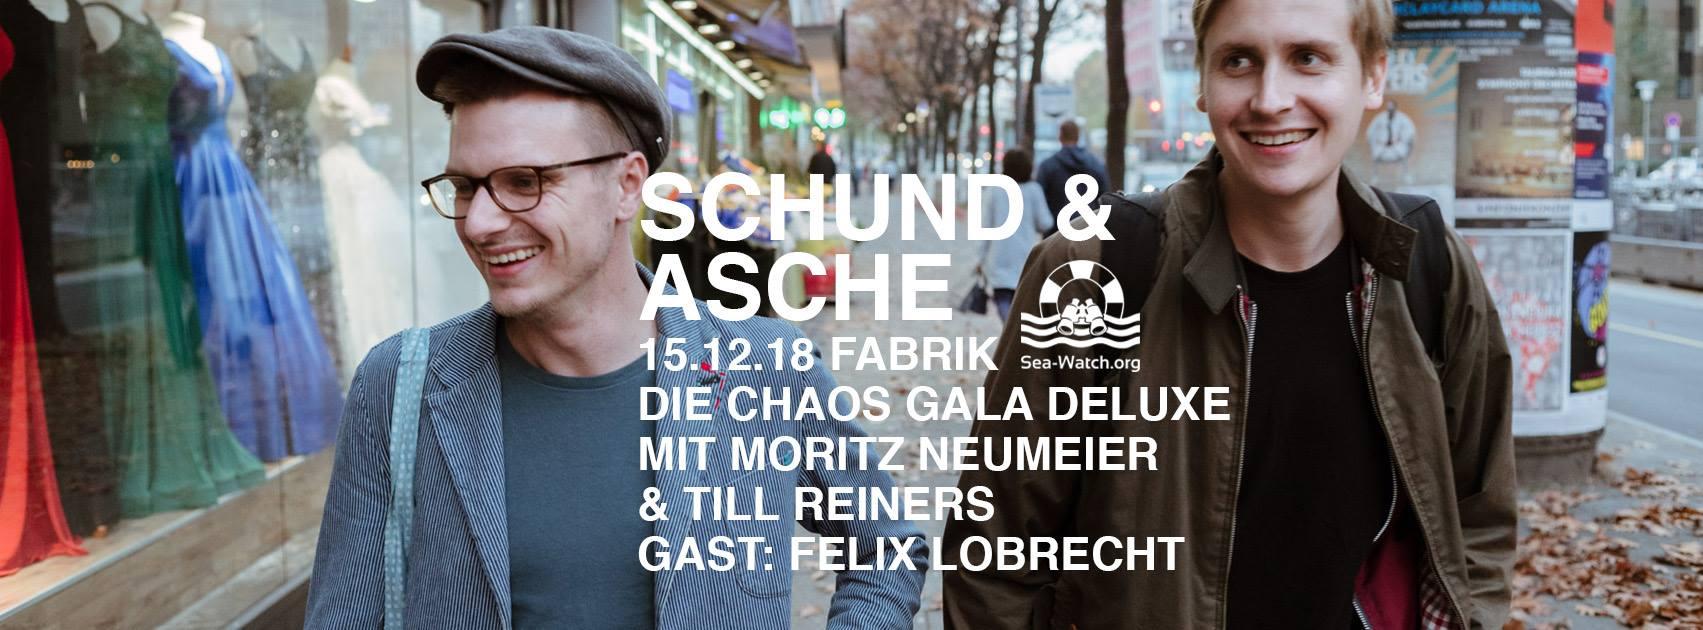 Schund & Asche - Die Chaosgala Deluxe